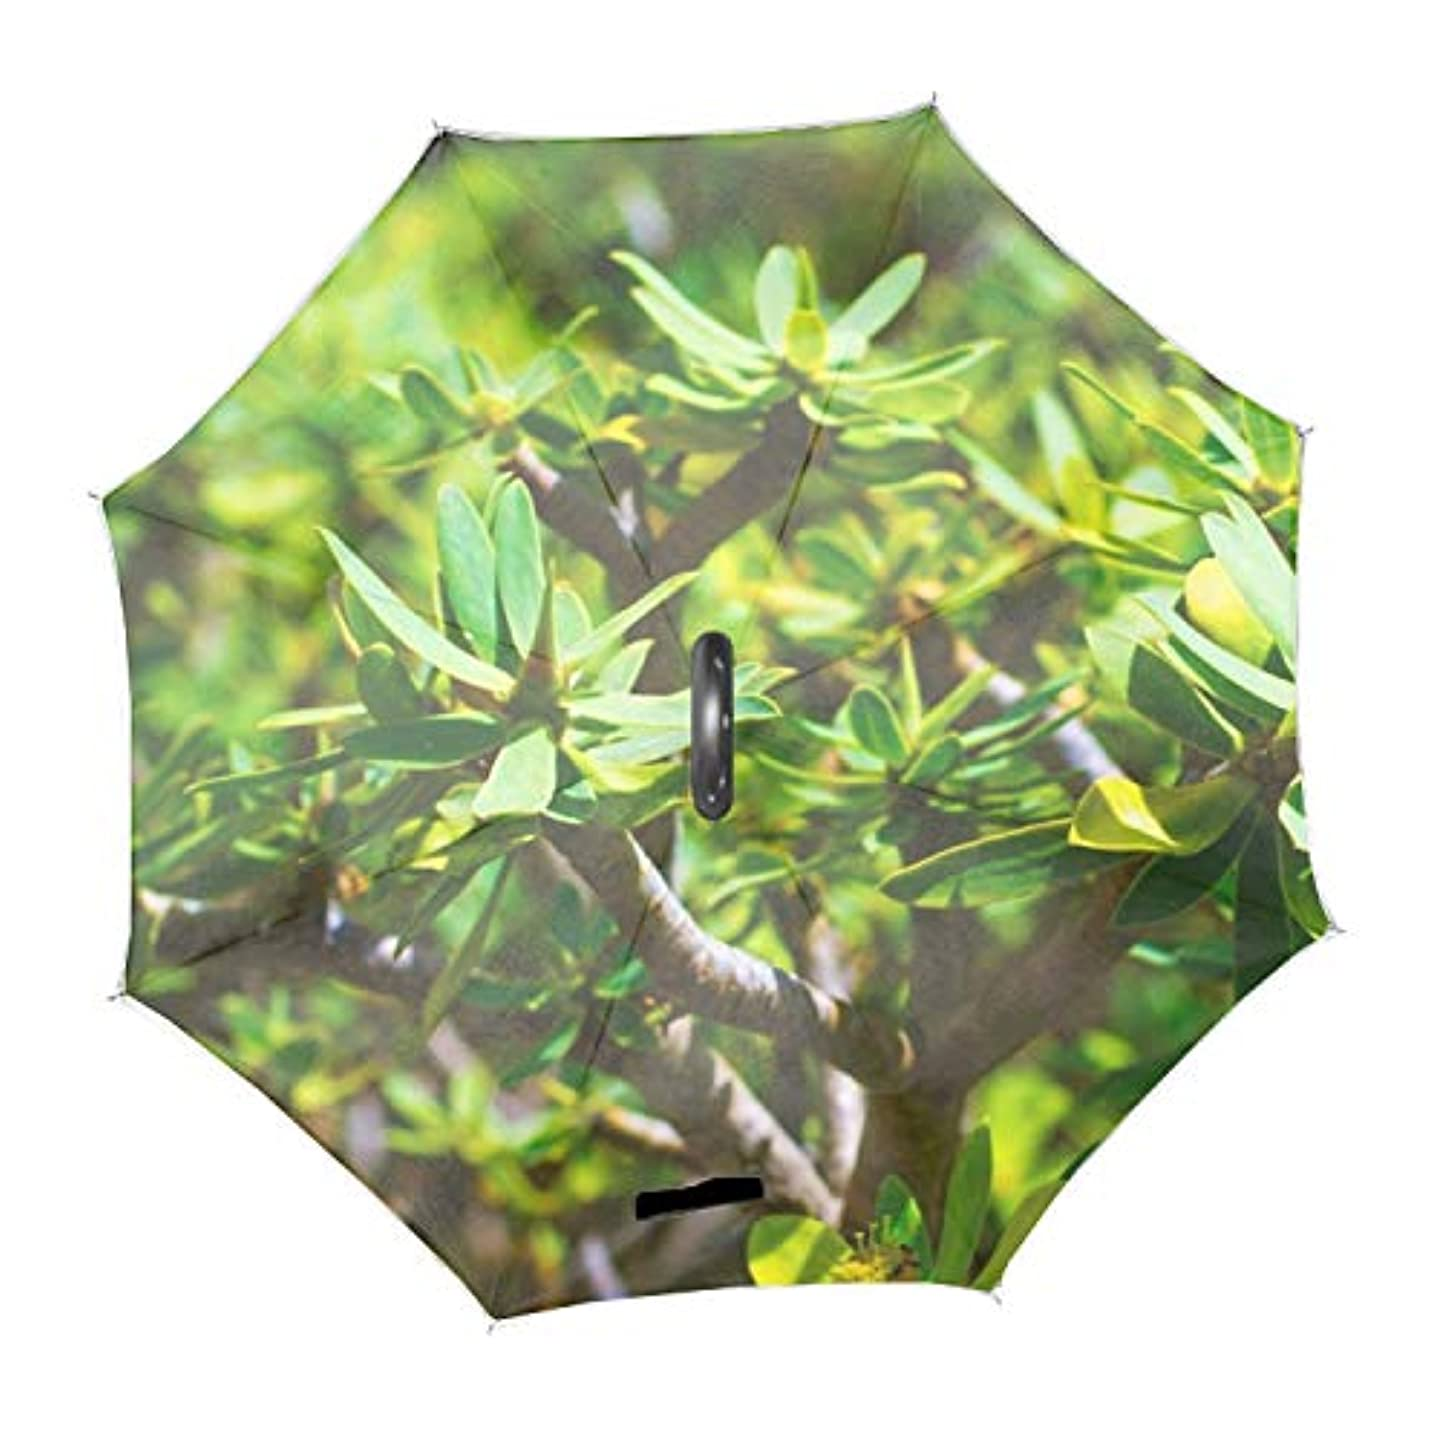 仲人海軍地獄反転傘 便利傘 長傘 逆傘自然植物マクロ熱帯 梅雨対応 風に強い 晴雨兼用 日傘 UVカット UPF50+ 8本骨 完全遮光 遮熱 耐風 C型傘